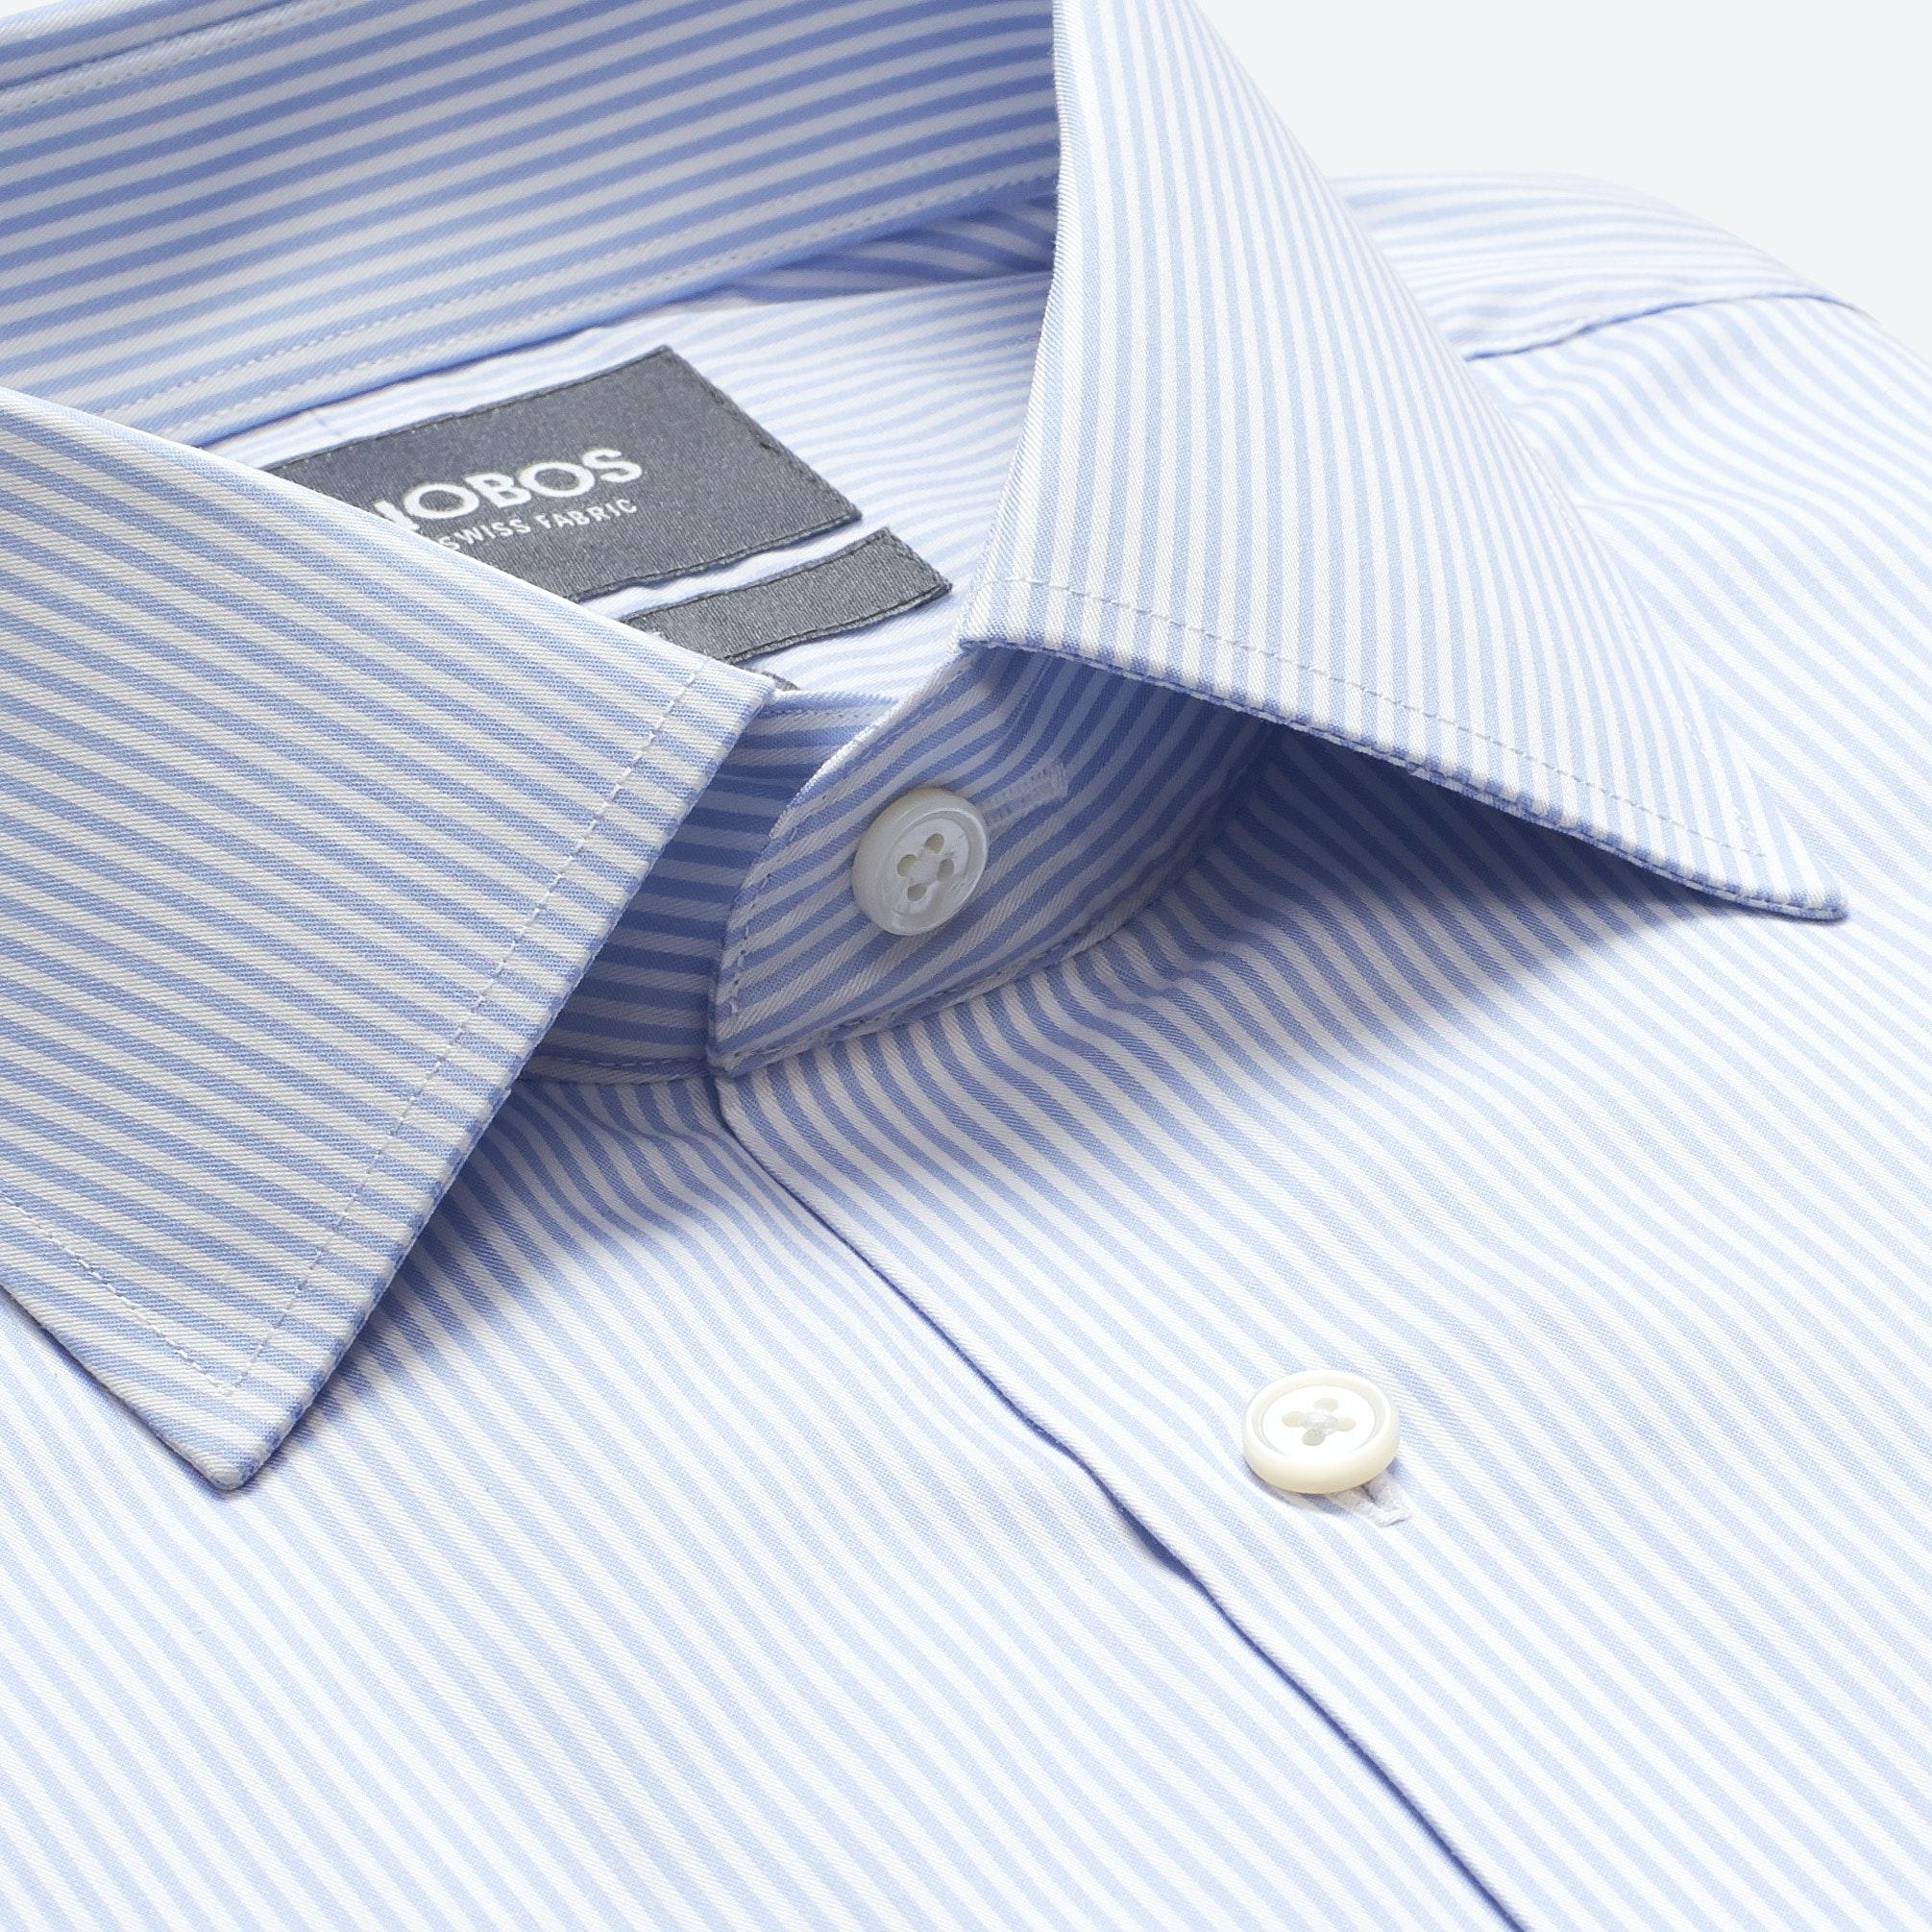 Swiss Performance Dress Shirt